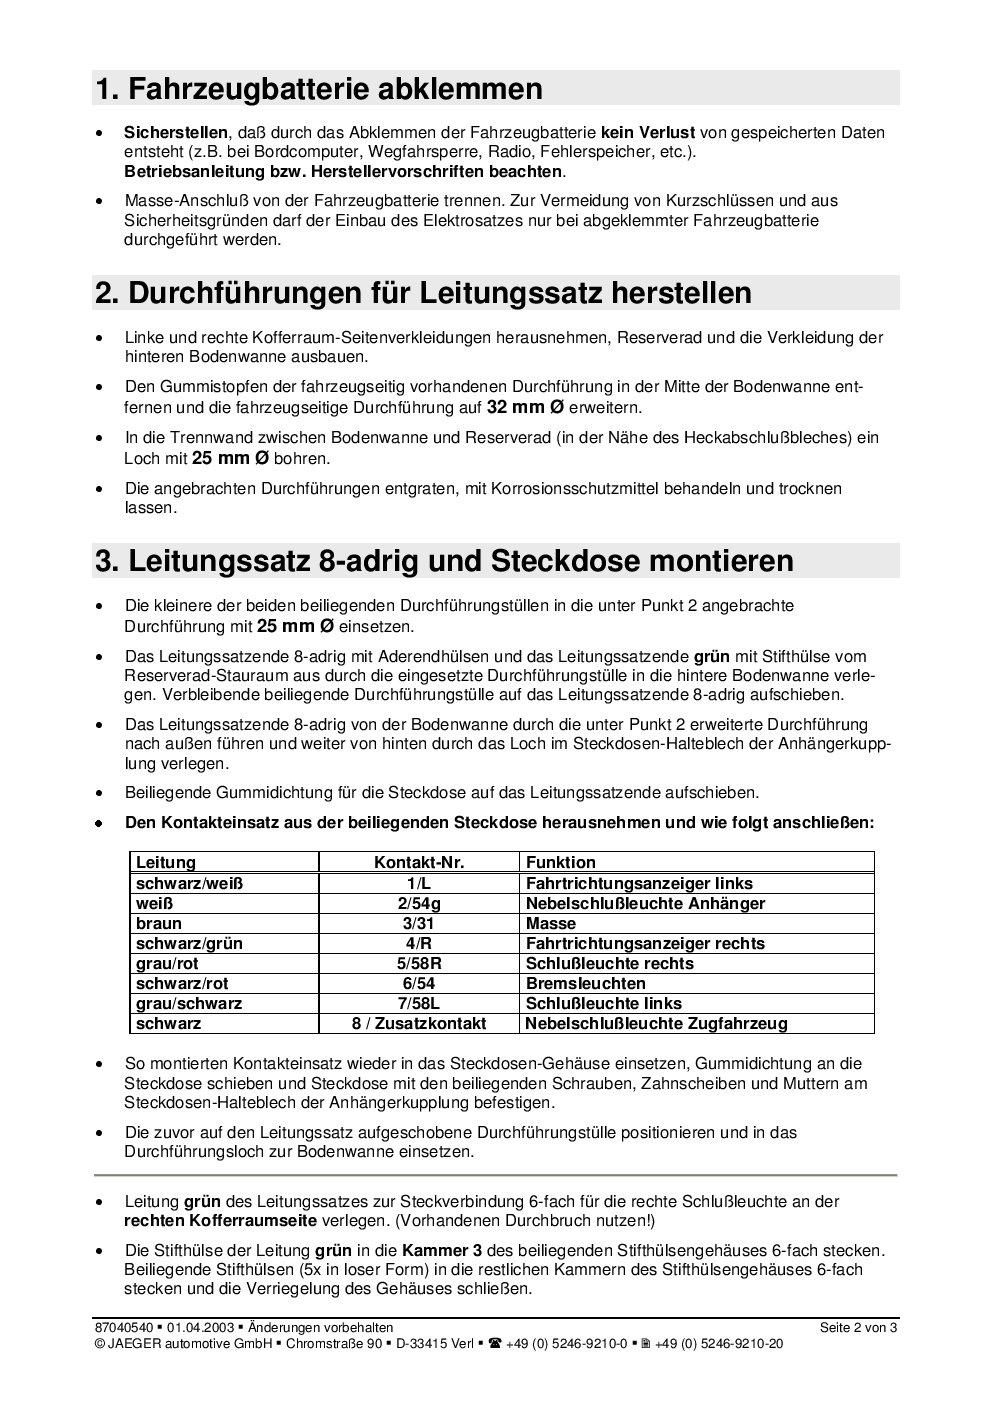 Berühmt Anhängerverkabelung Für Dummies Bilder - Der Schaltplan ...